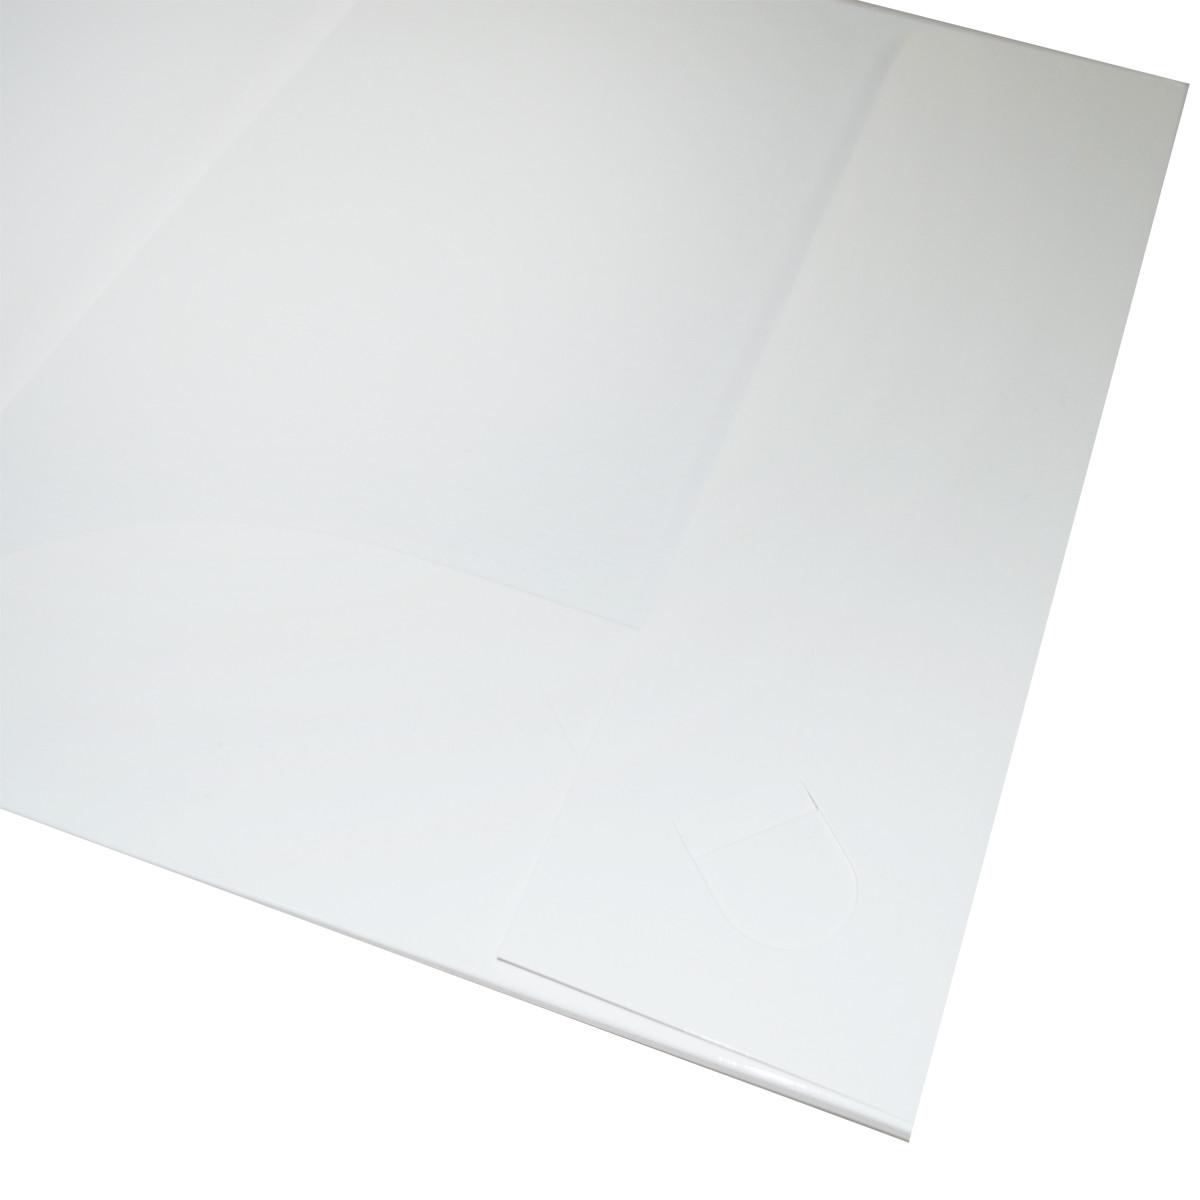 """Набор бумаги для графики SANTI, А3 """"Fine art sketches"""", 20 л., 190 г/м2 - фото 2"""